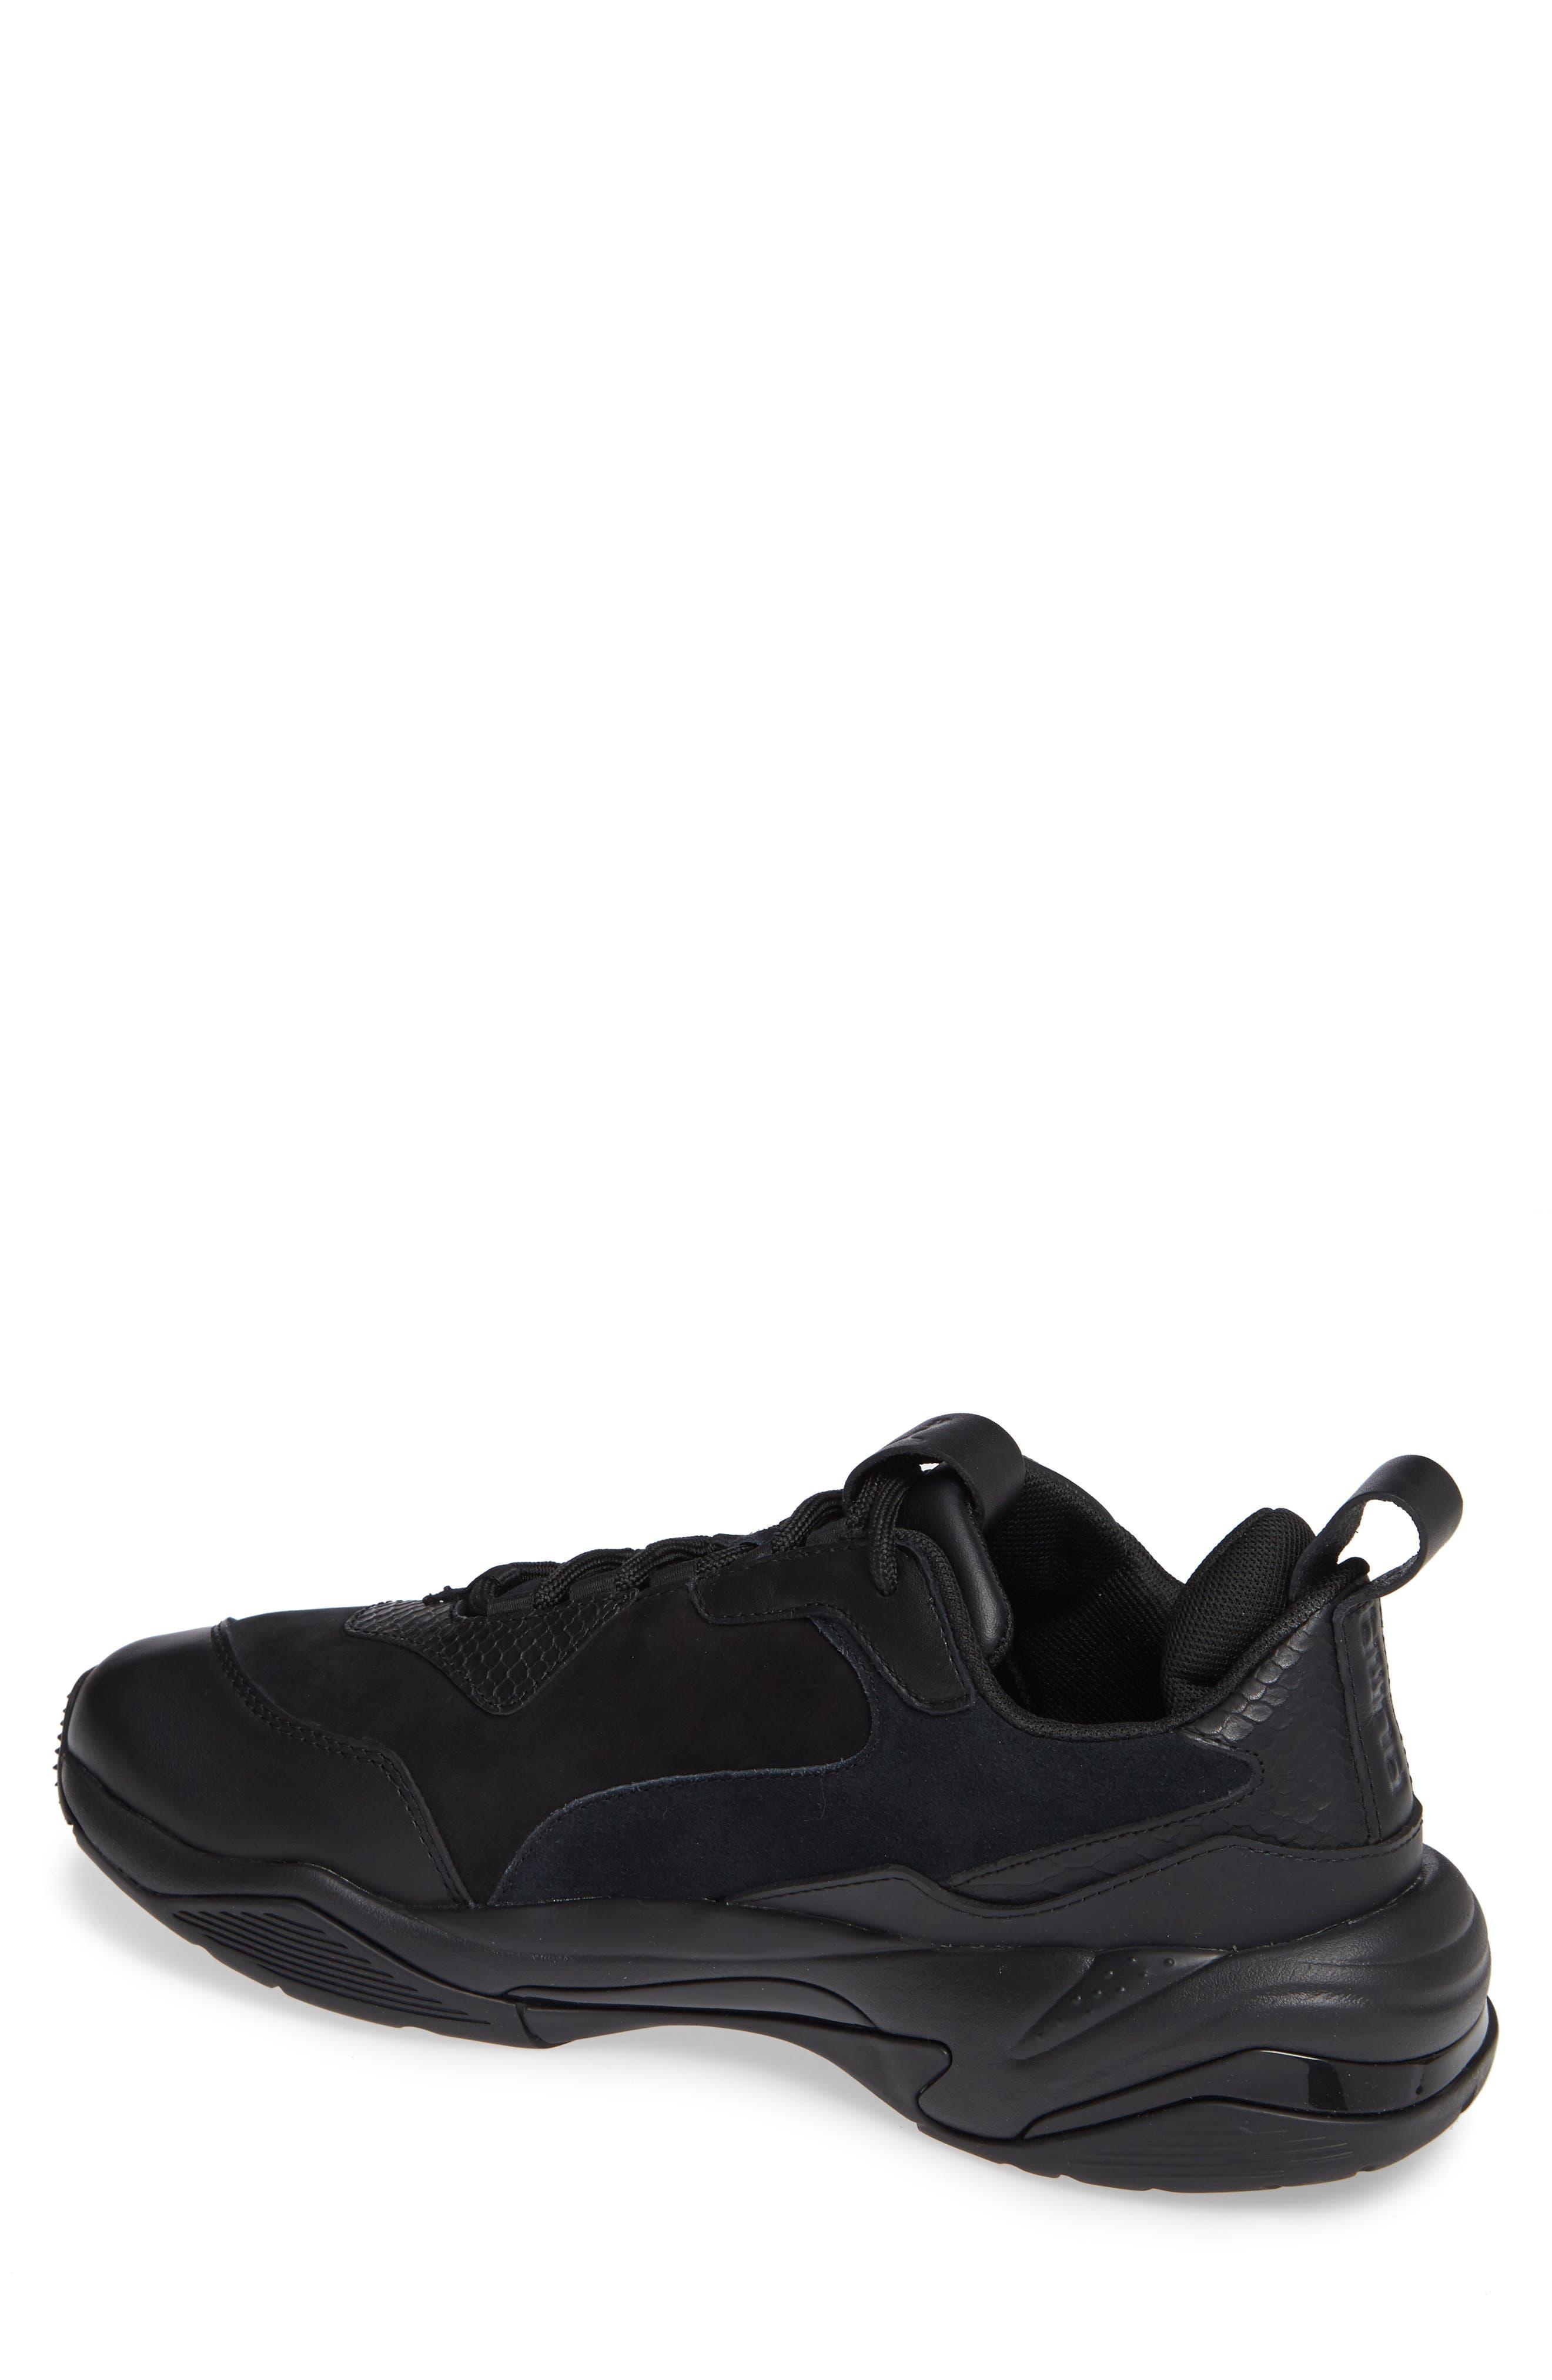 Thunder Desert Sneaker,                             Alternate thumbnail 2, color,                             BLACK/ BLACK